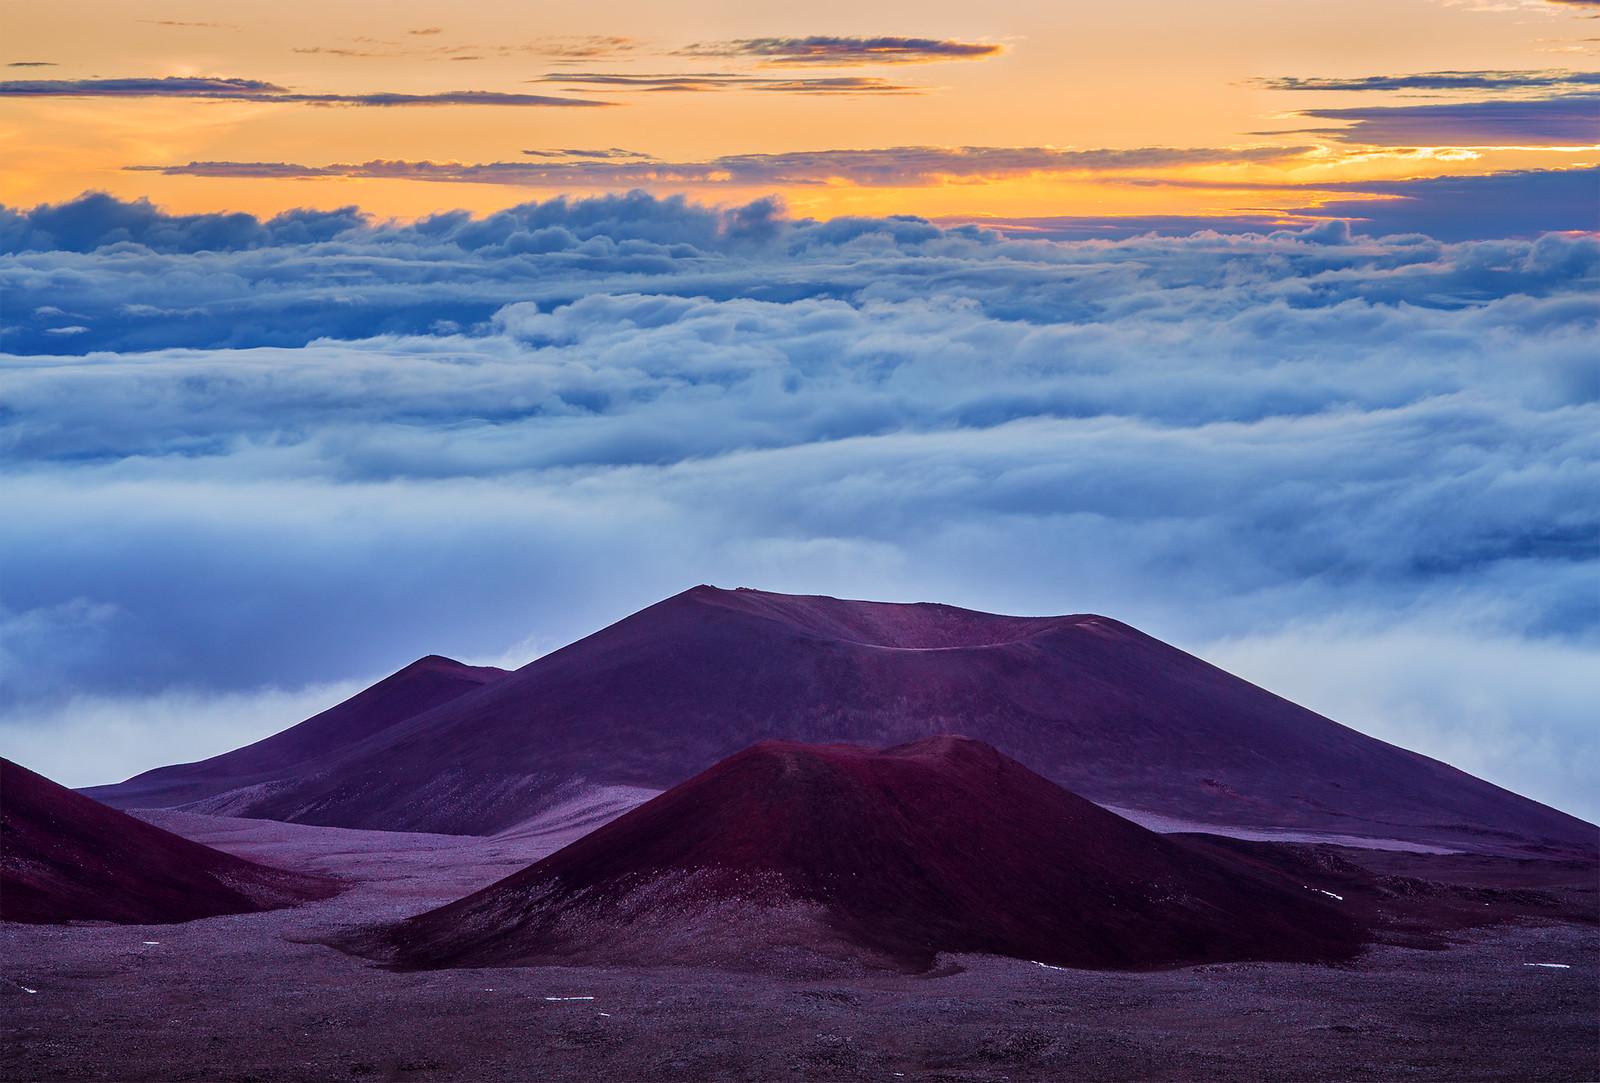 najwyższa góra świata. Mauna Kea